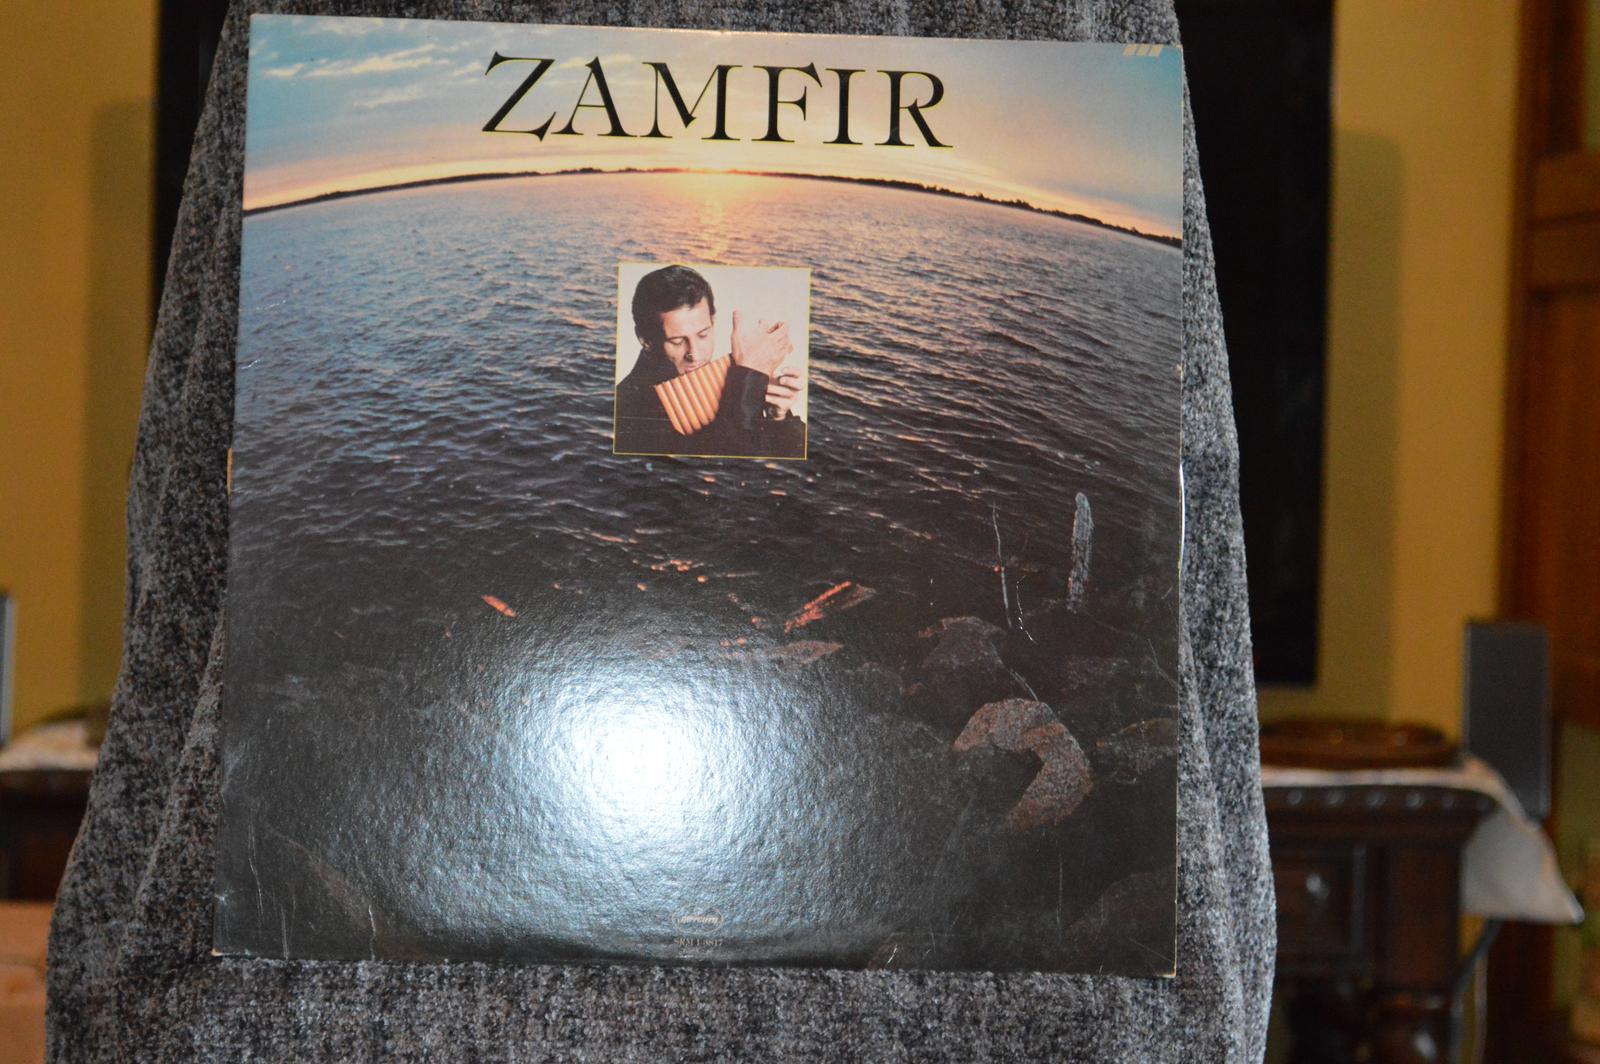 Christmas With Zamfir and Zamfir, vinyls